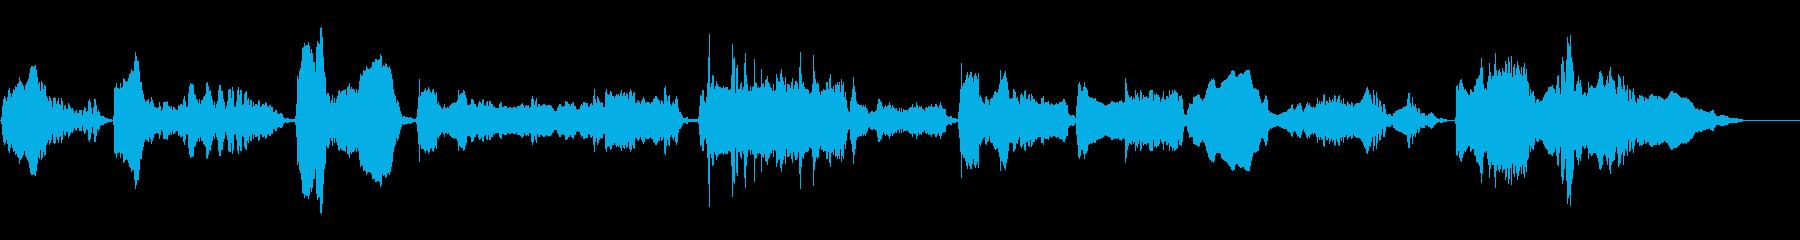 泣き節満載、長めの尺八ソロフレーズの再生済みの波形